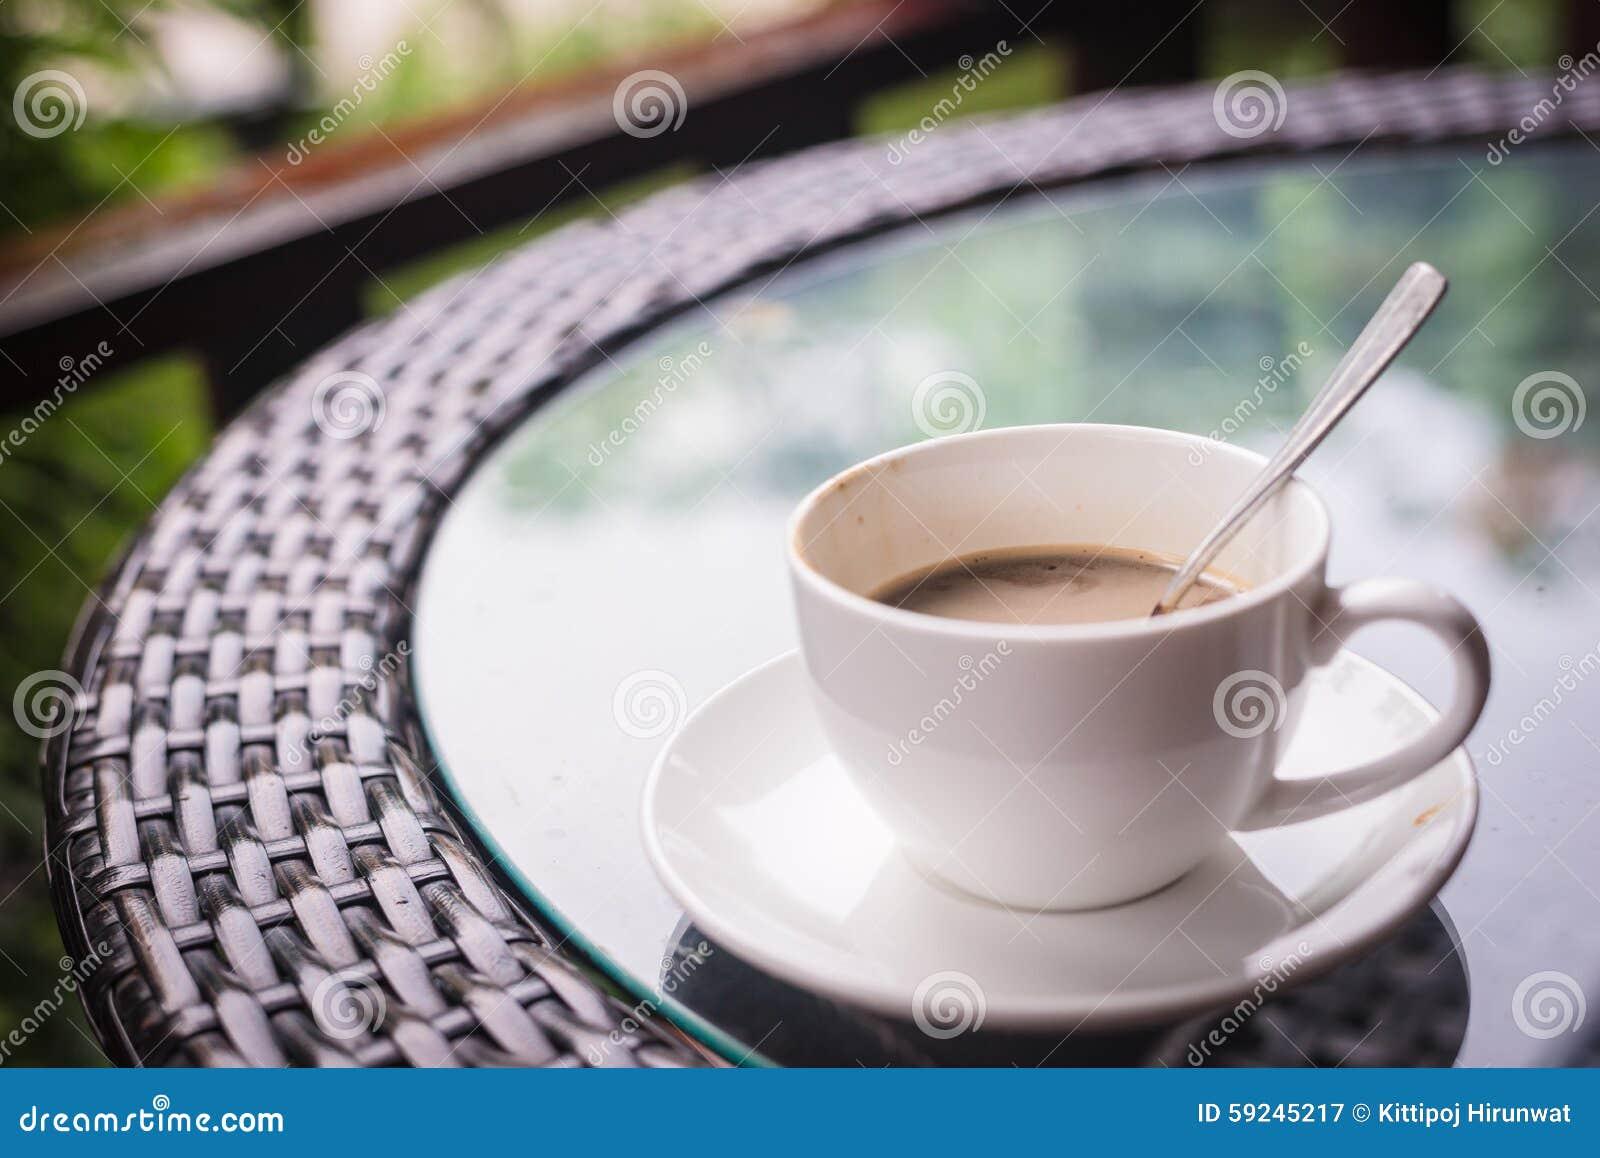 Download Taza de café en el vector imagen de archivo. Imagen de fresco - 59245217